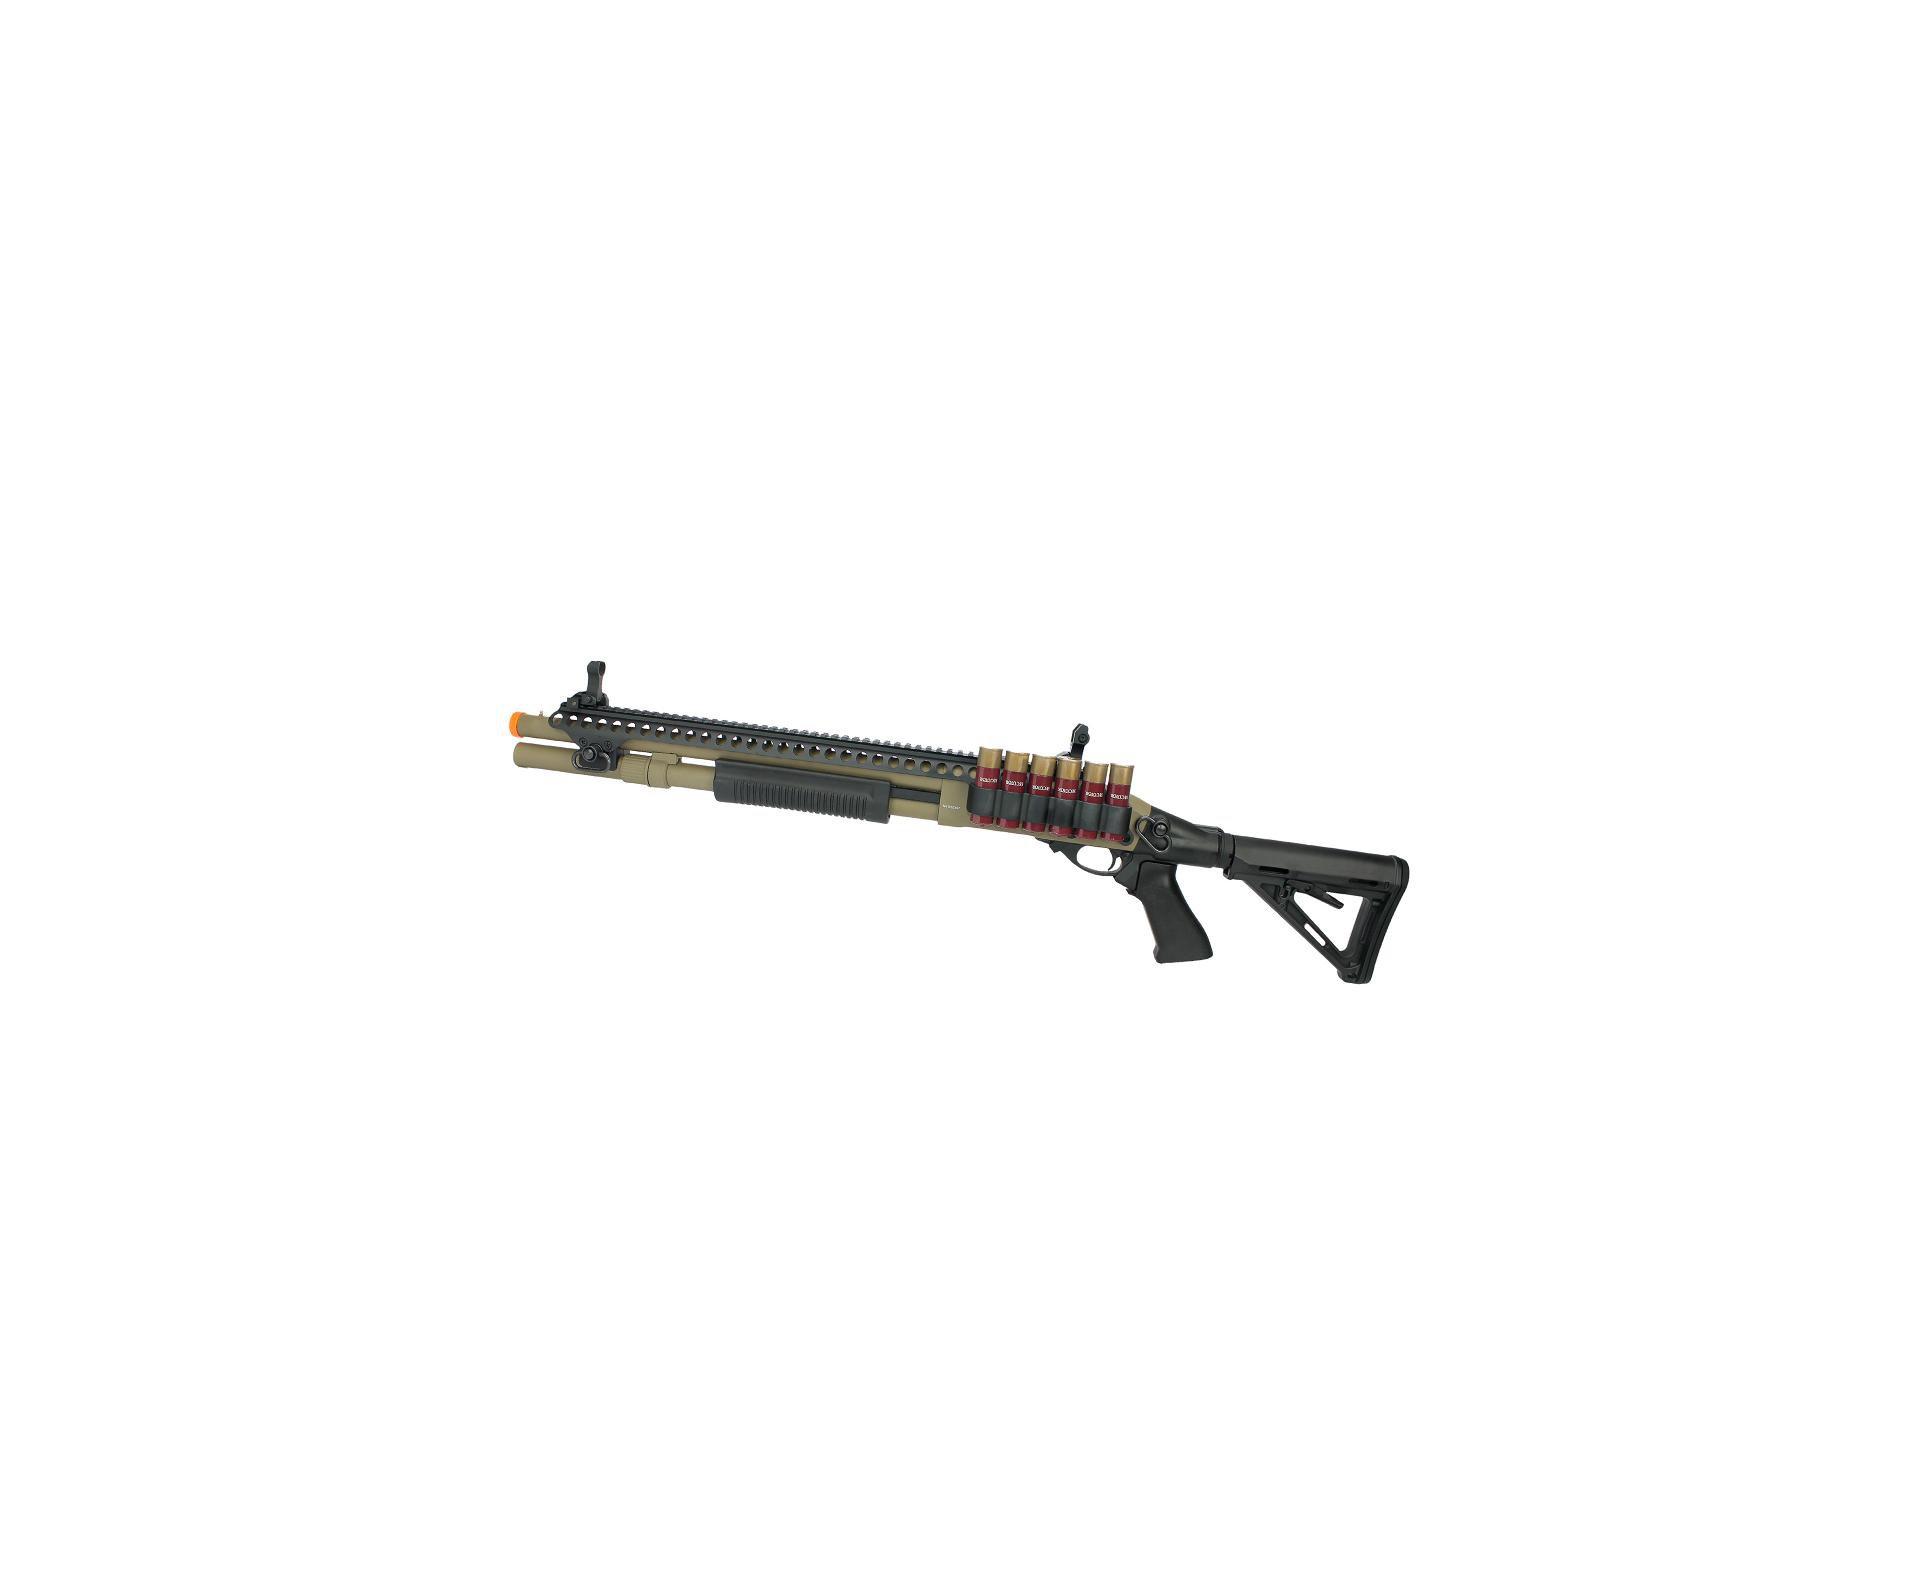 Escopeta Shotgun De Airsoft Gbb Full Metal Epg Velites G-vi Tan Cal 6mm V0003